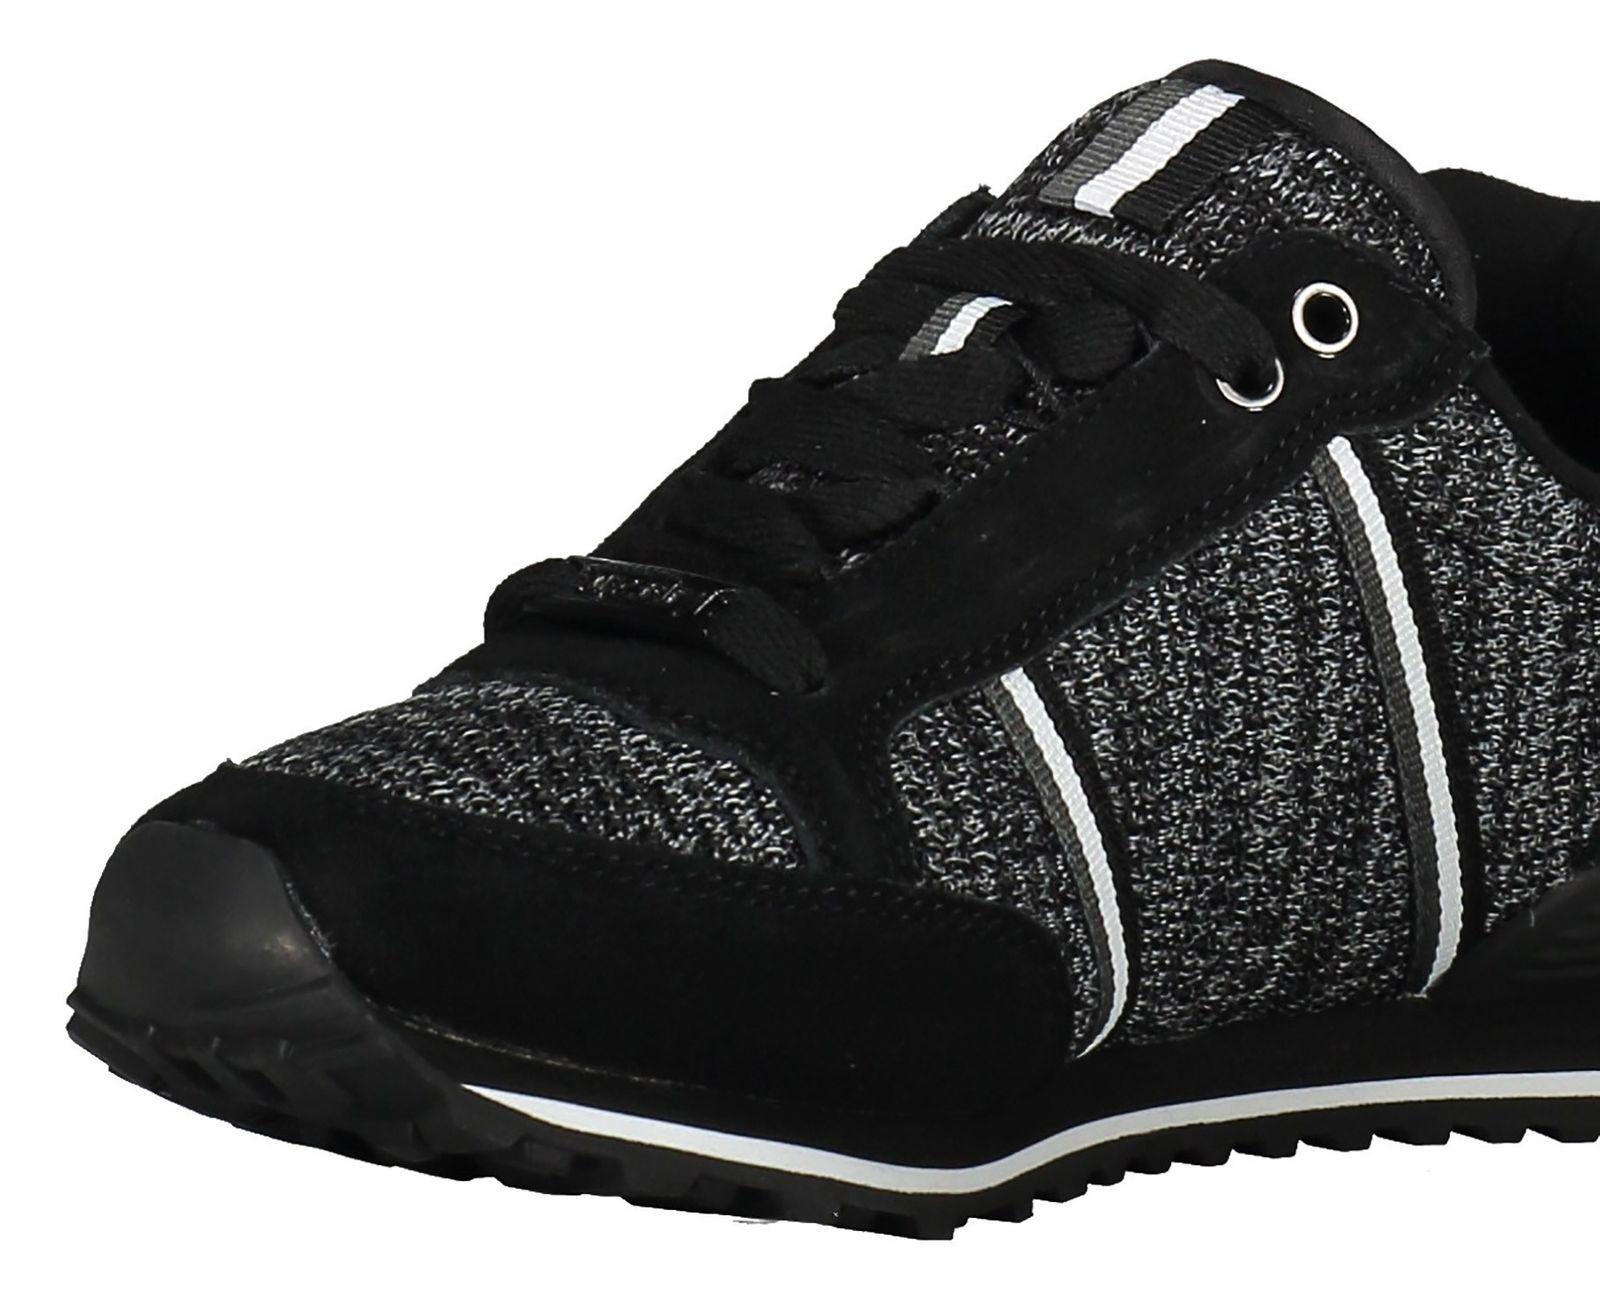 کفش دویدن زنانه FUJI RUNNER - سوپردرای - مشکي - 6